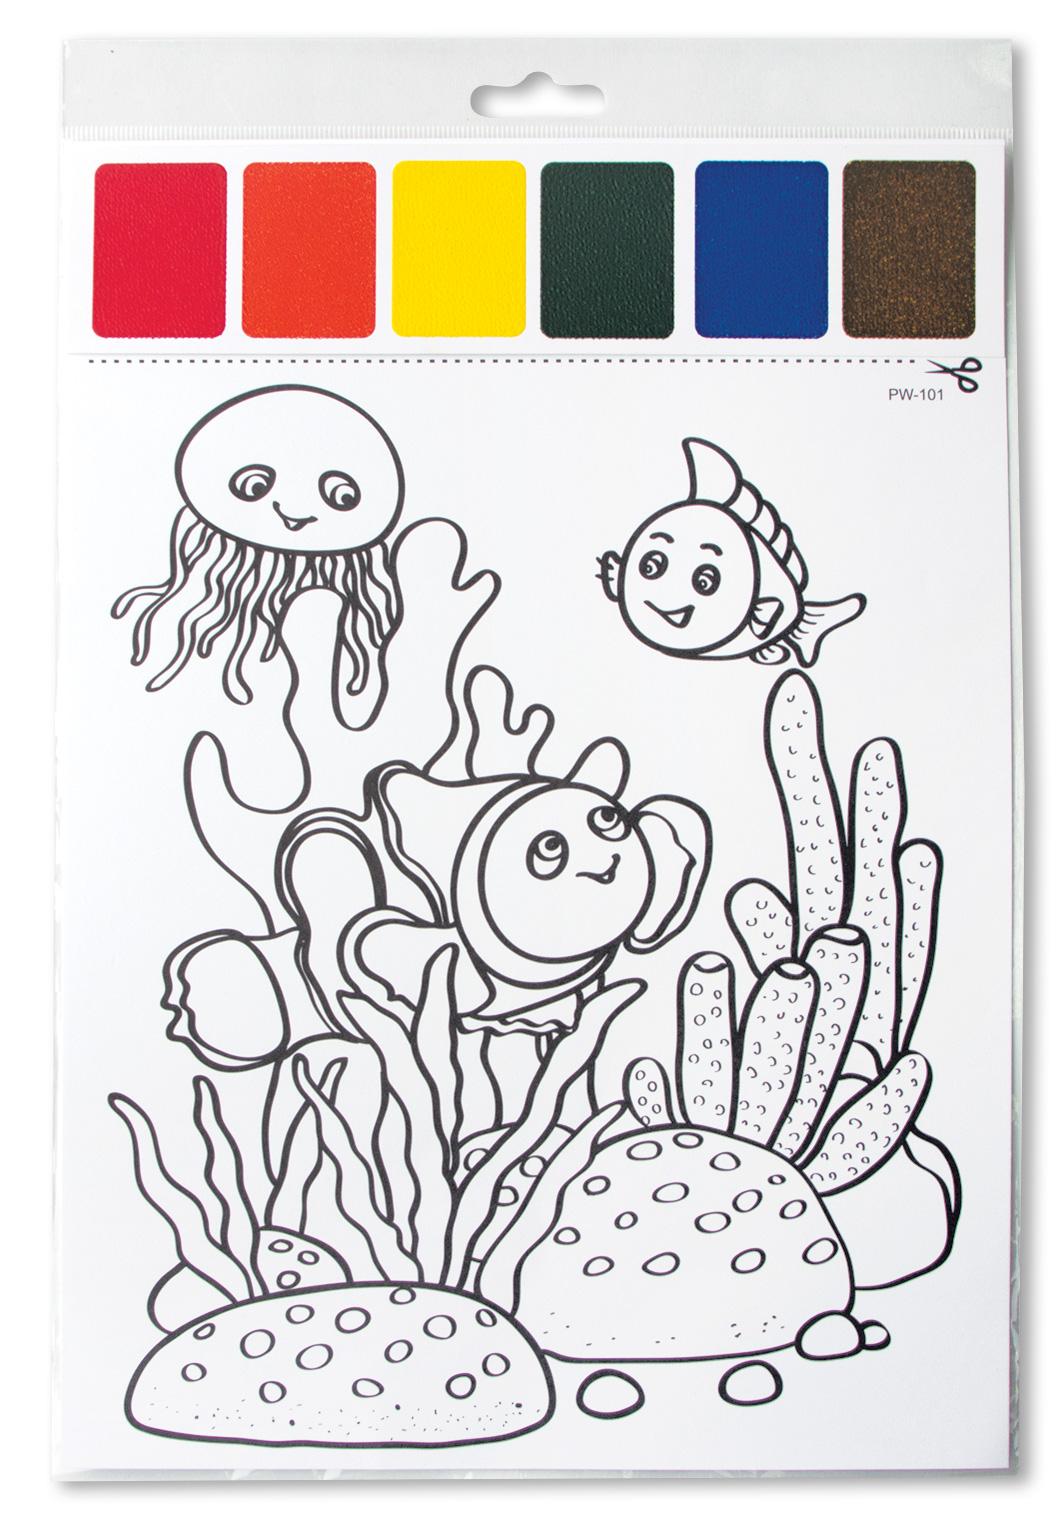 Разрисовывать картинки для девочек красками